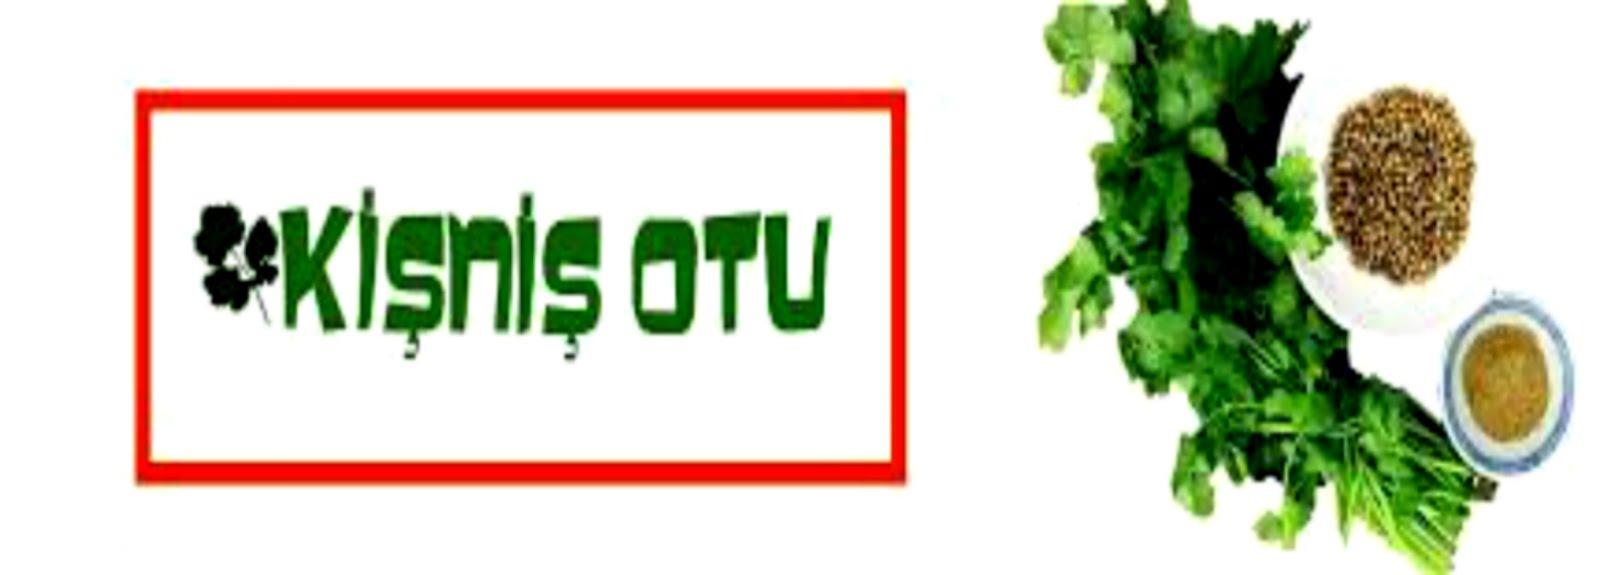 Kişniş Otu- Kolay-  Lezzetli- Nefis- Videolu- Tarifler